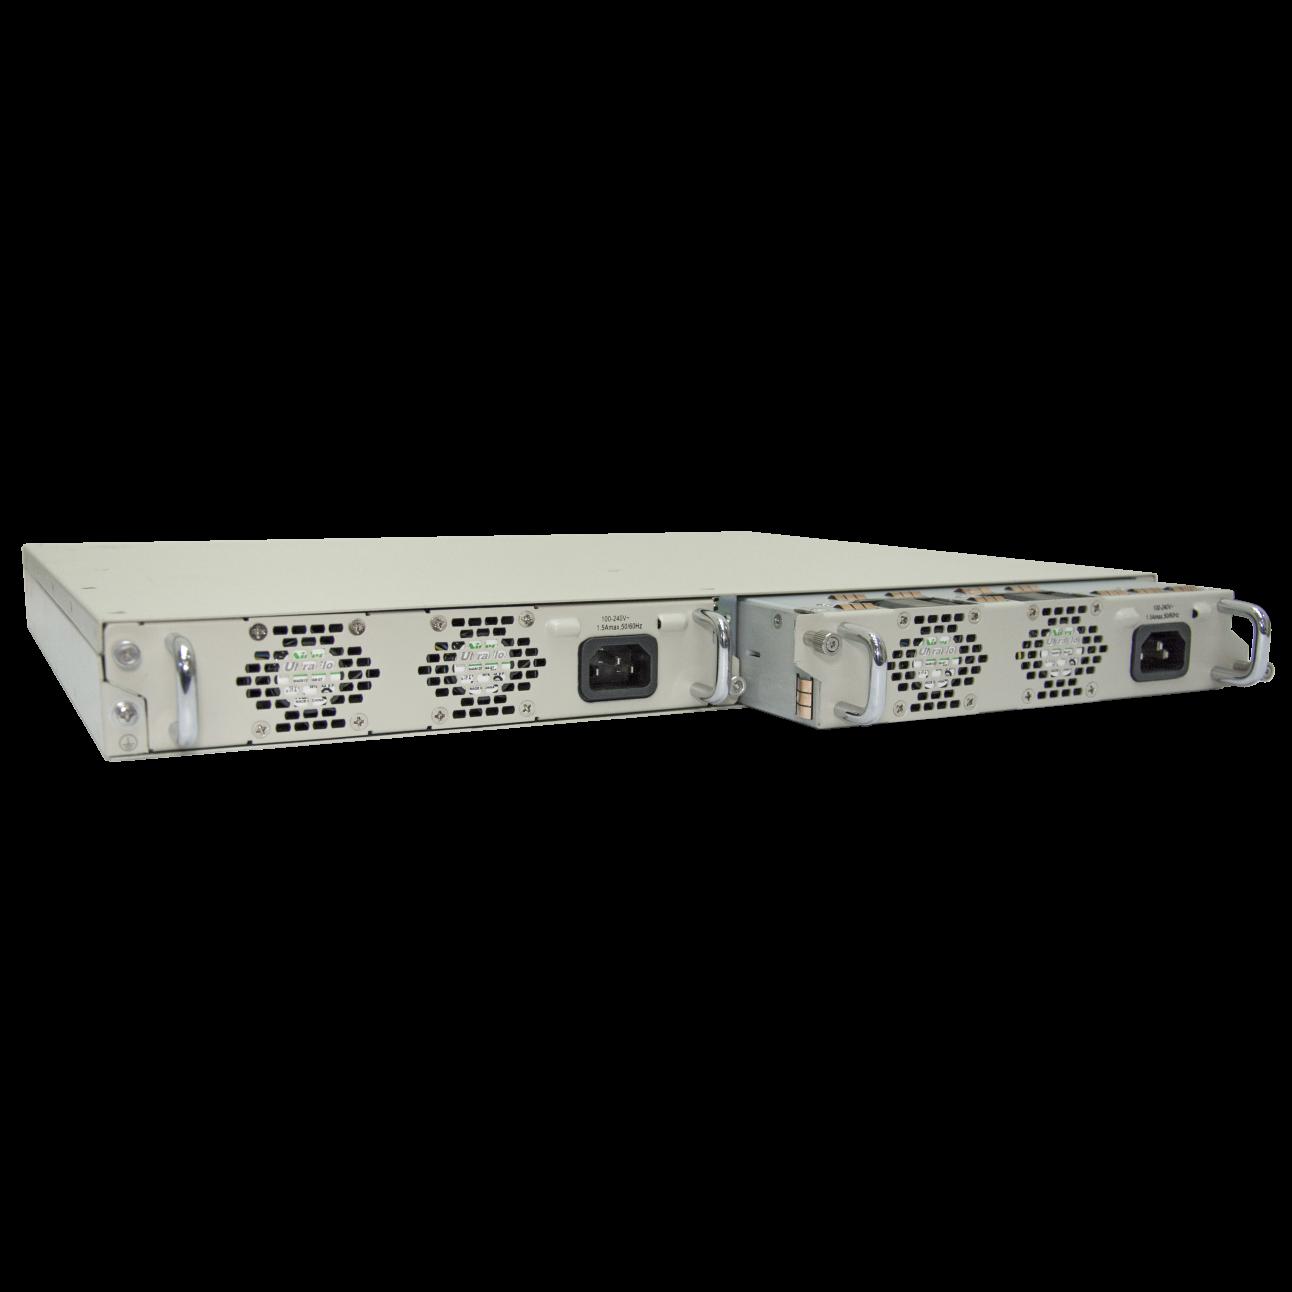 Управляемый коммутатор уровня 2 Orion Beta B52X